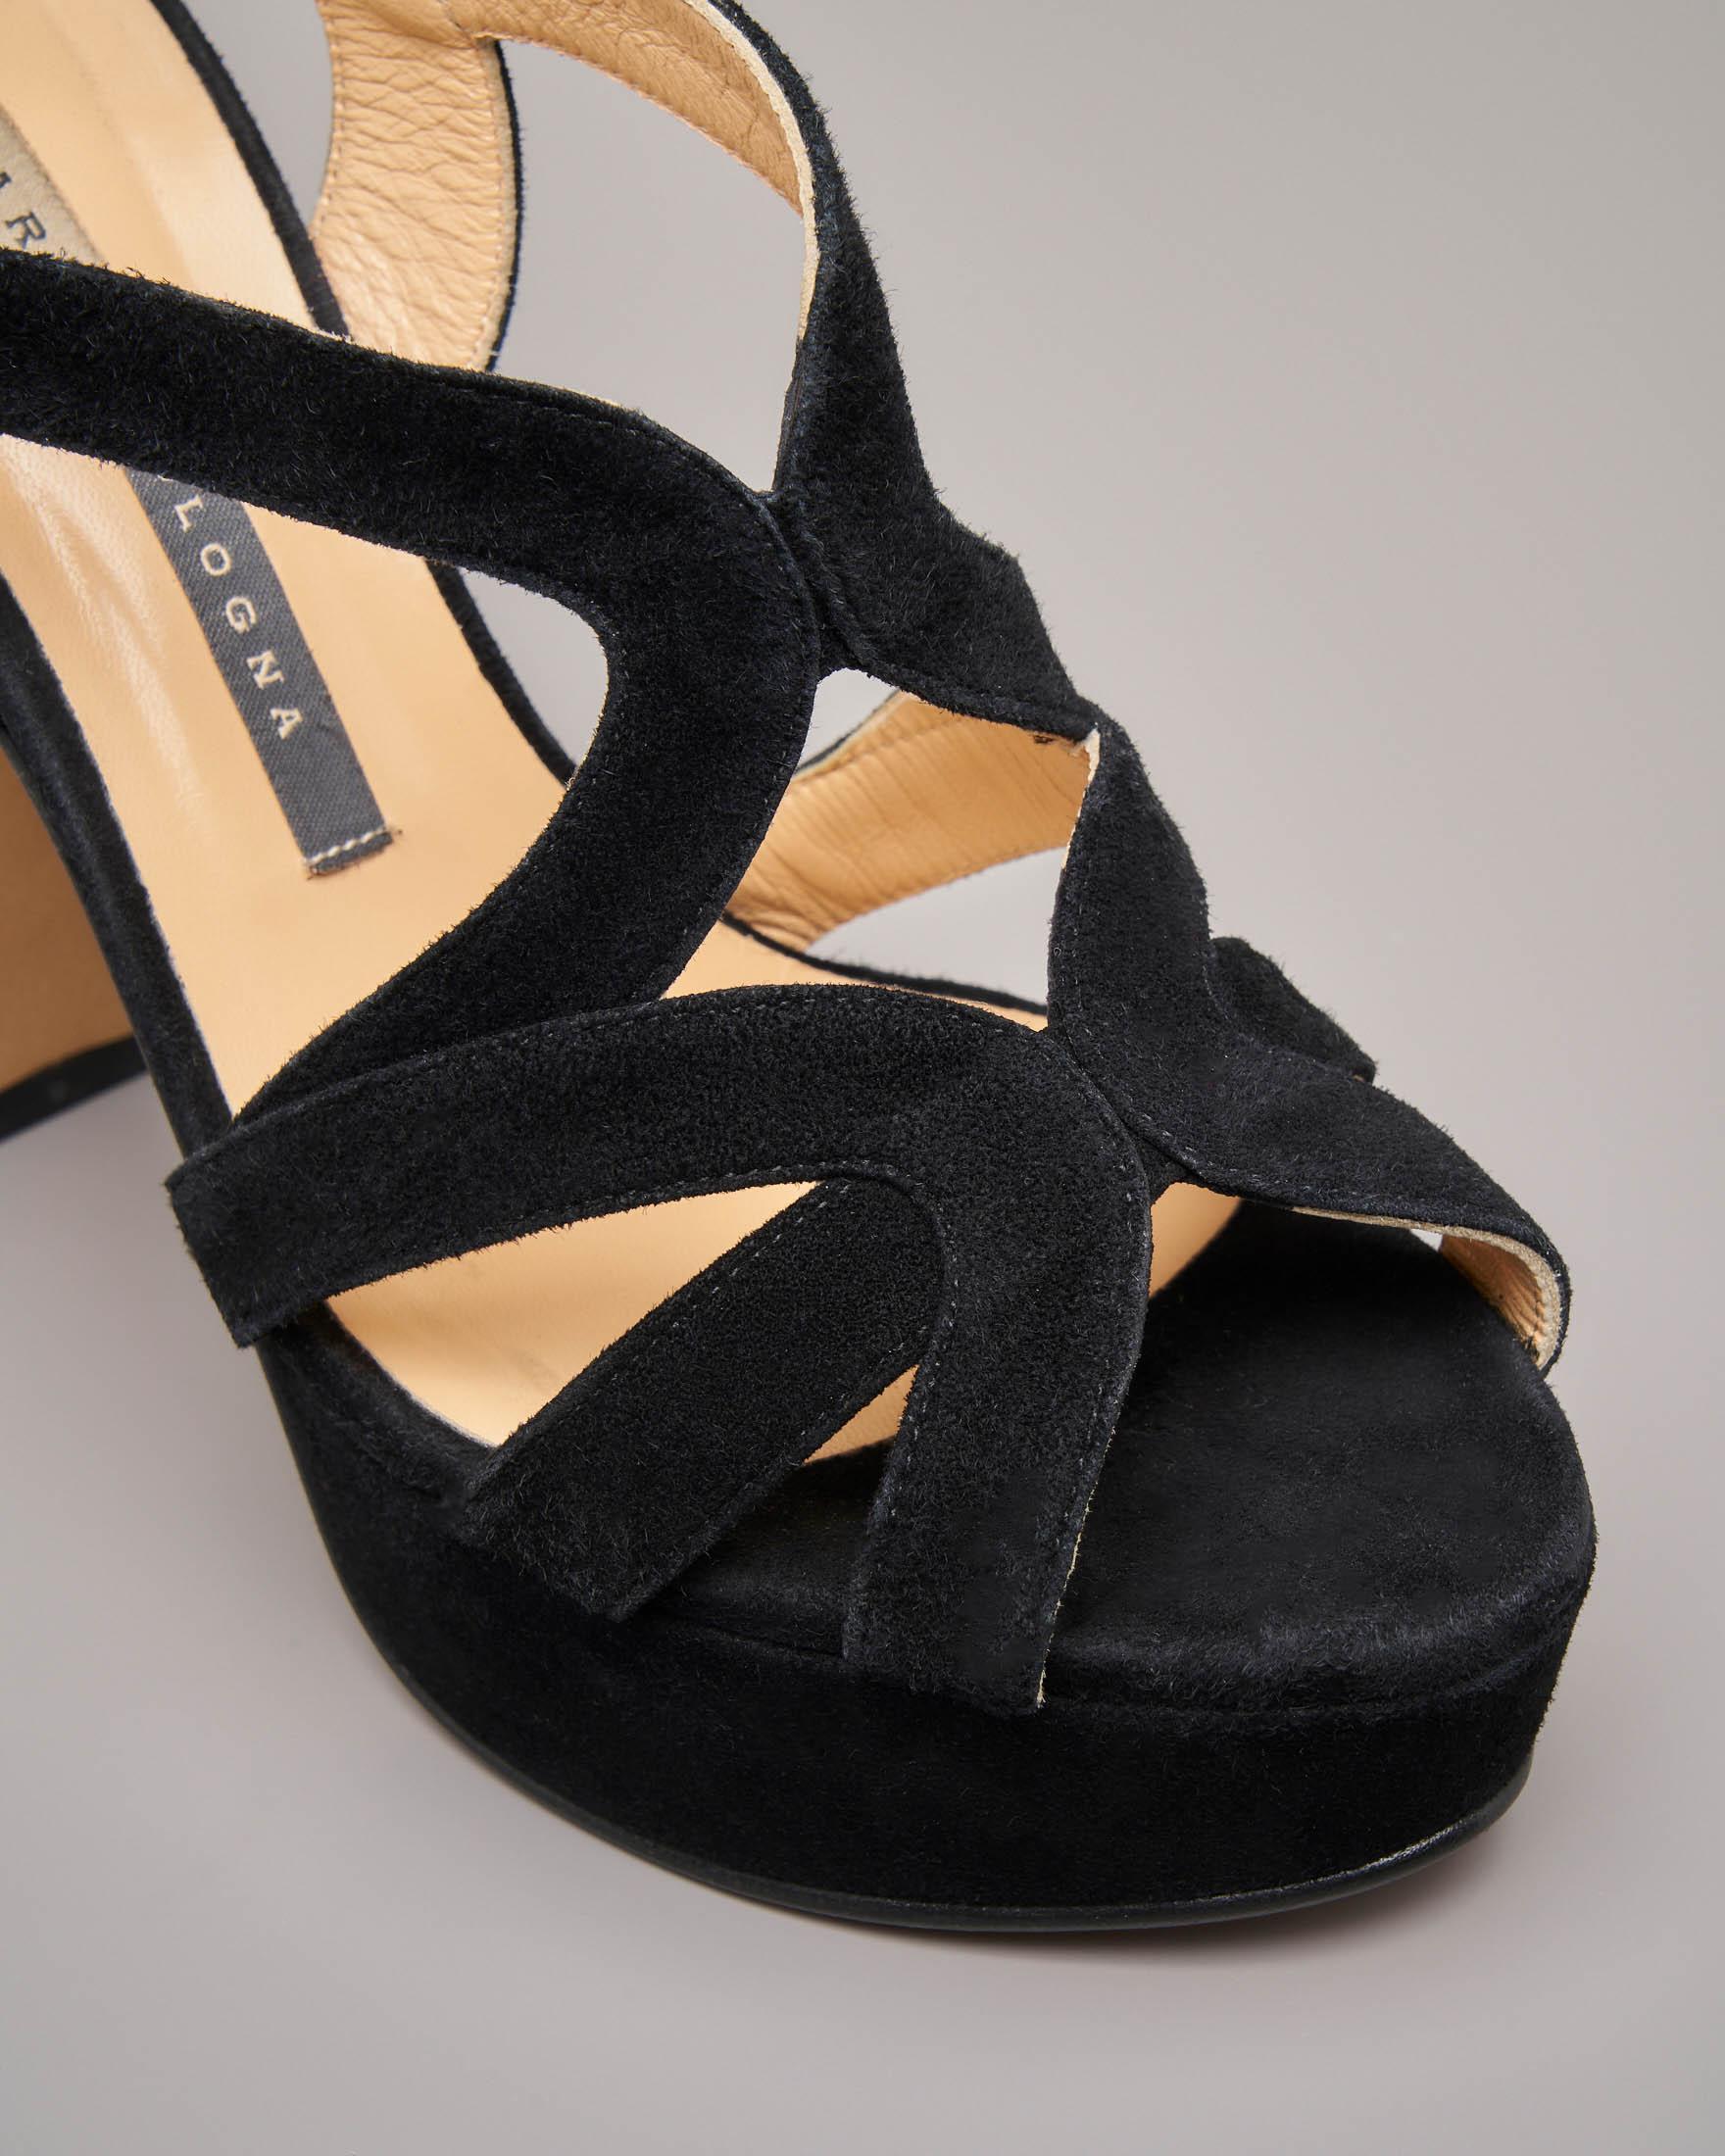 Sandalo plateau in camoscio nero con tacco alto e fascette intrecciate